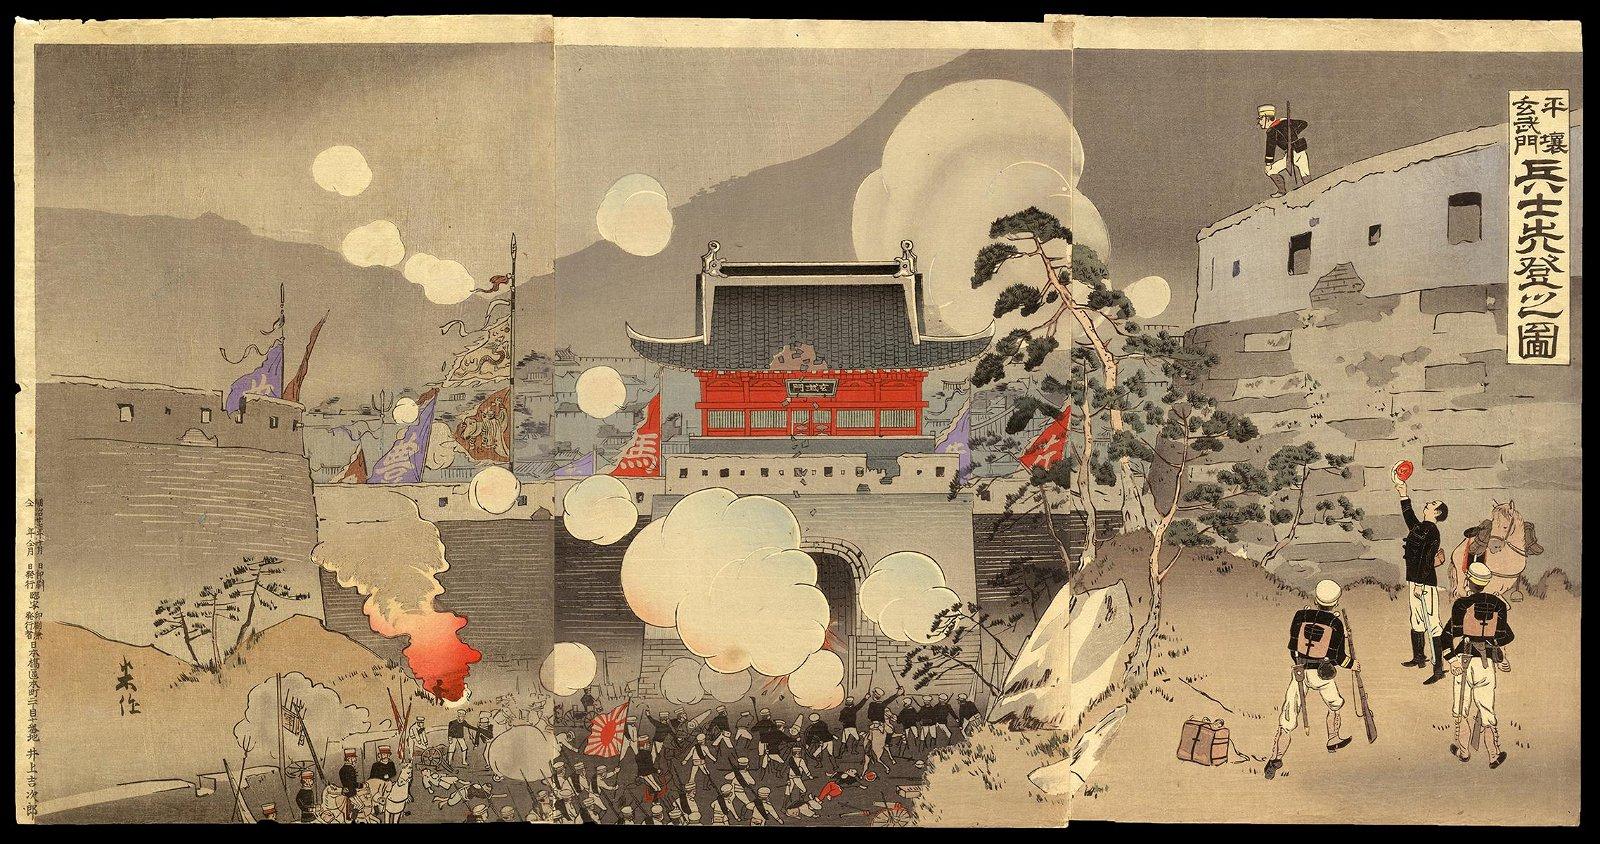 Taguchi Beisaku - Japanese Woodblock Triptych